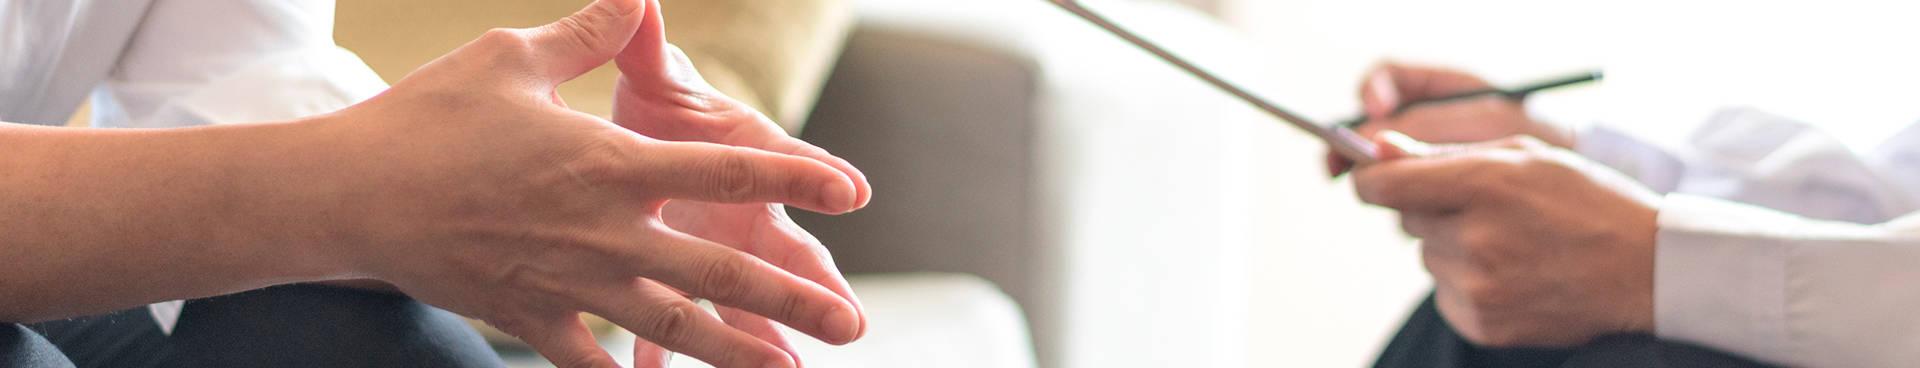 Psicoterapia; un hombre ansioso mira a su terapeuta mientras evalúa en un papel